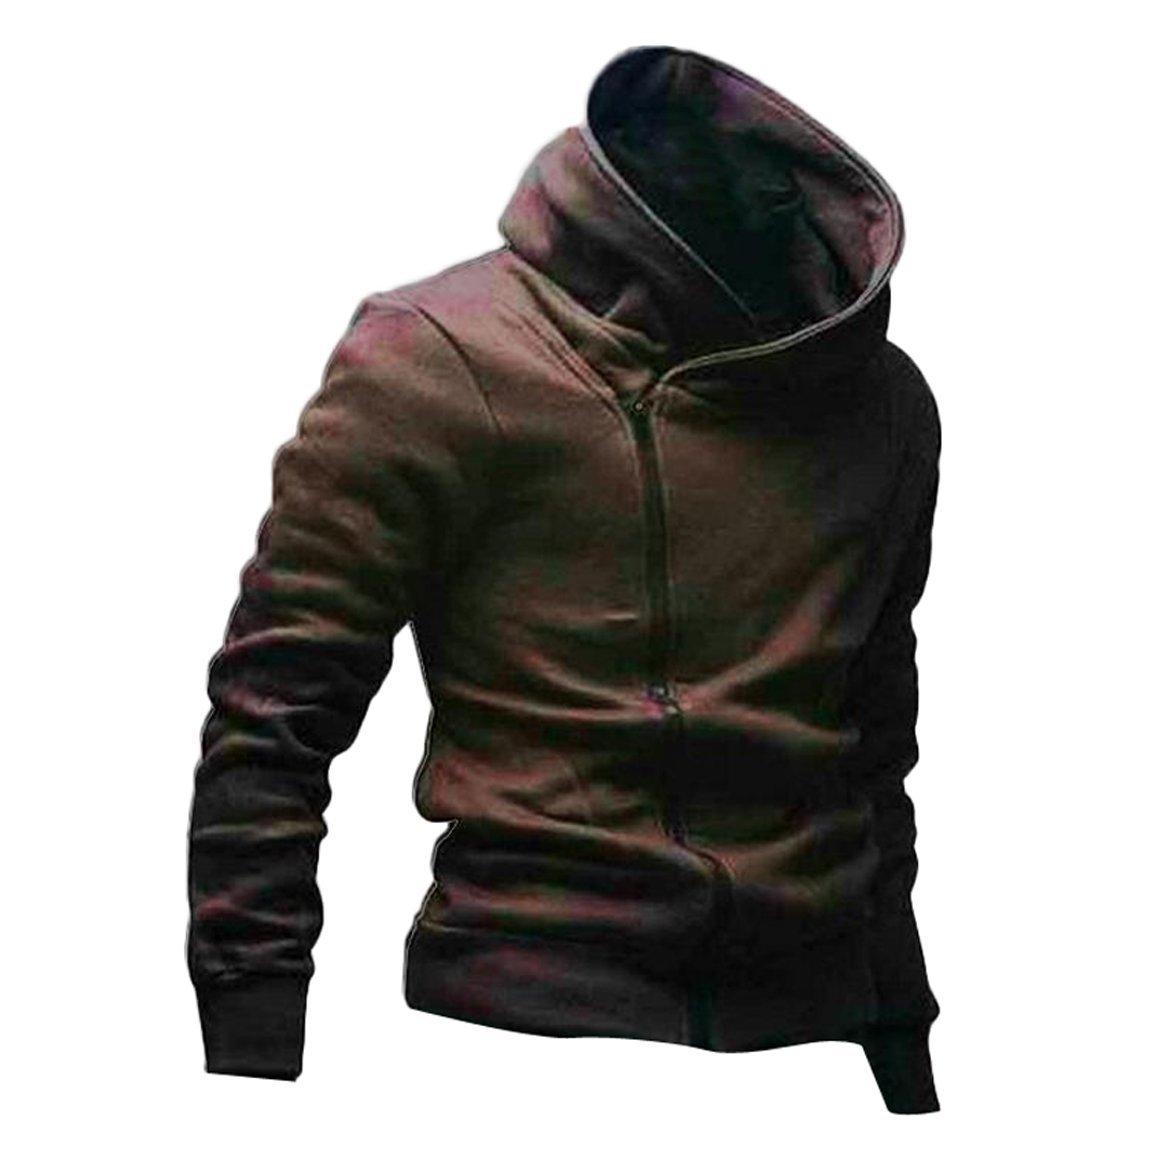 Gaorui High Collar Men Jacket Slim Dust Coat Hoodies Clothes Sweater Overcoat-XS_brown